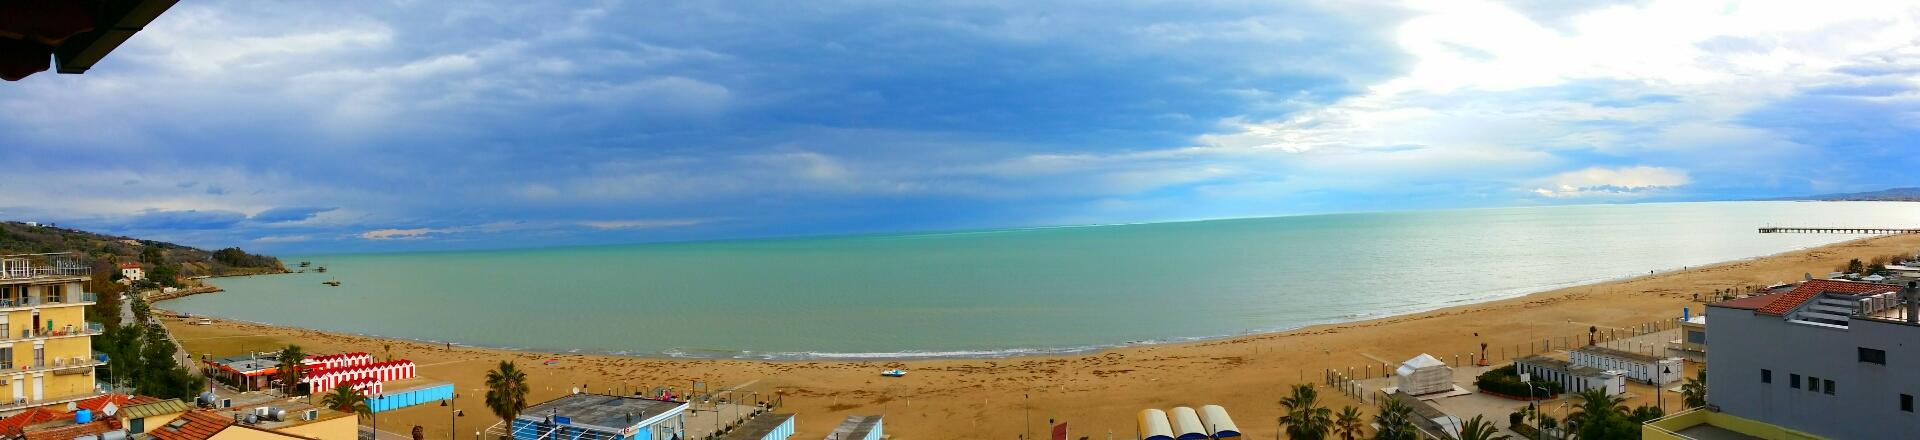 Vasto-Marina-beach